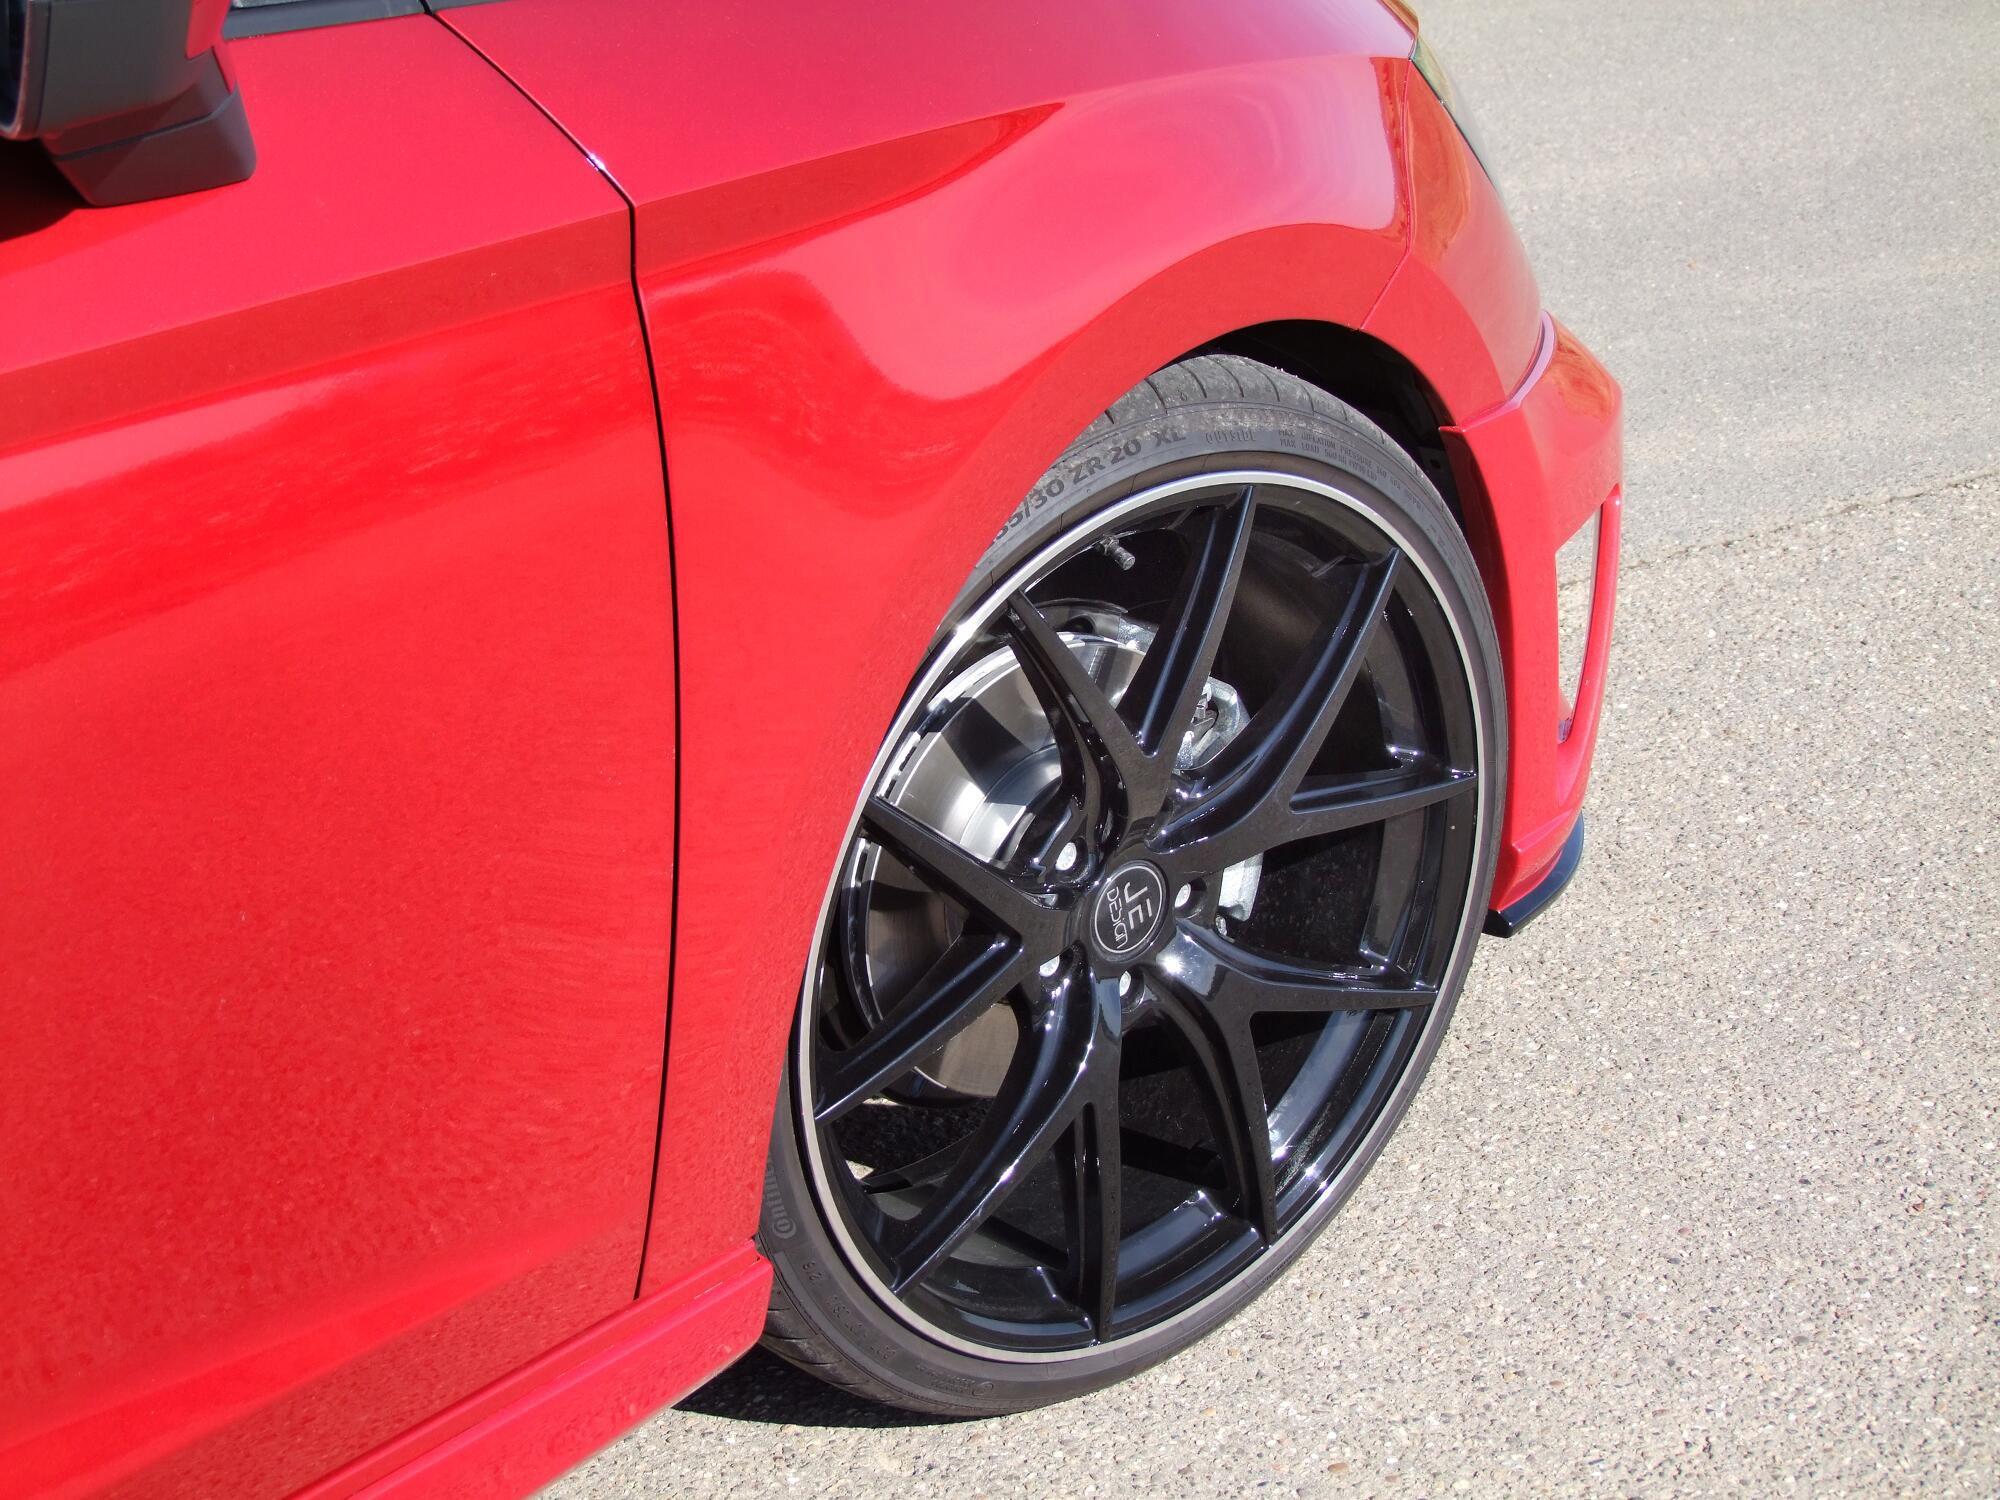 Hauseigene Räder in glänzendem Schwarz sorgen Seat Leon FR 5F von JE Design für das passende Kontrastprogramm.